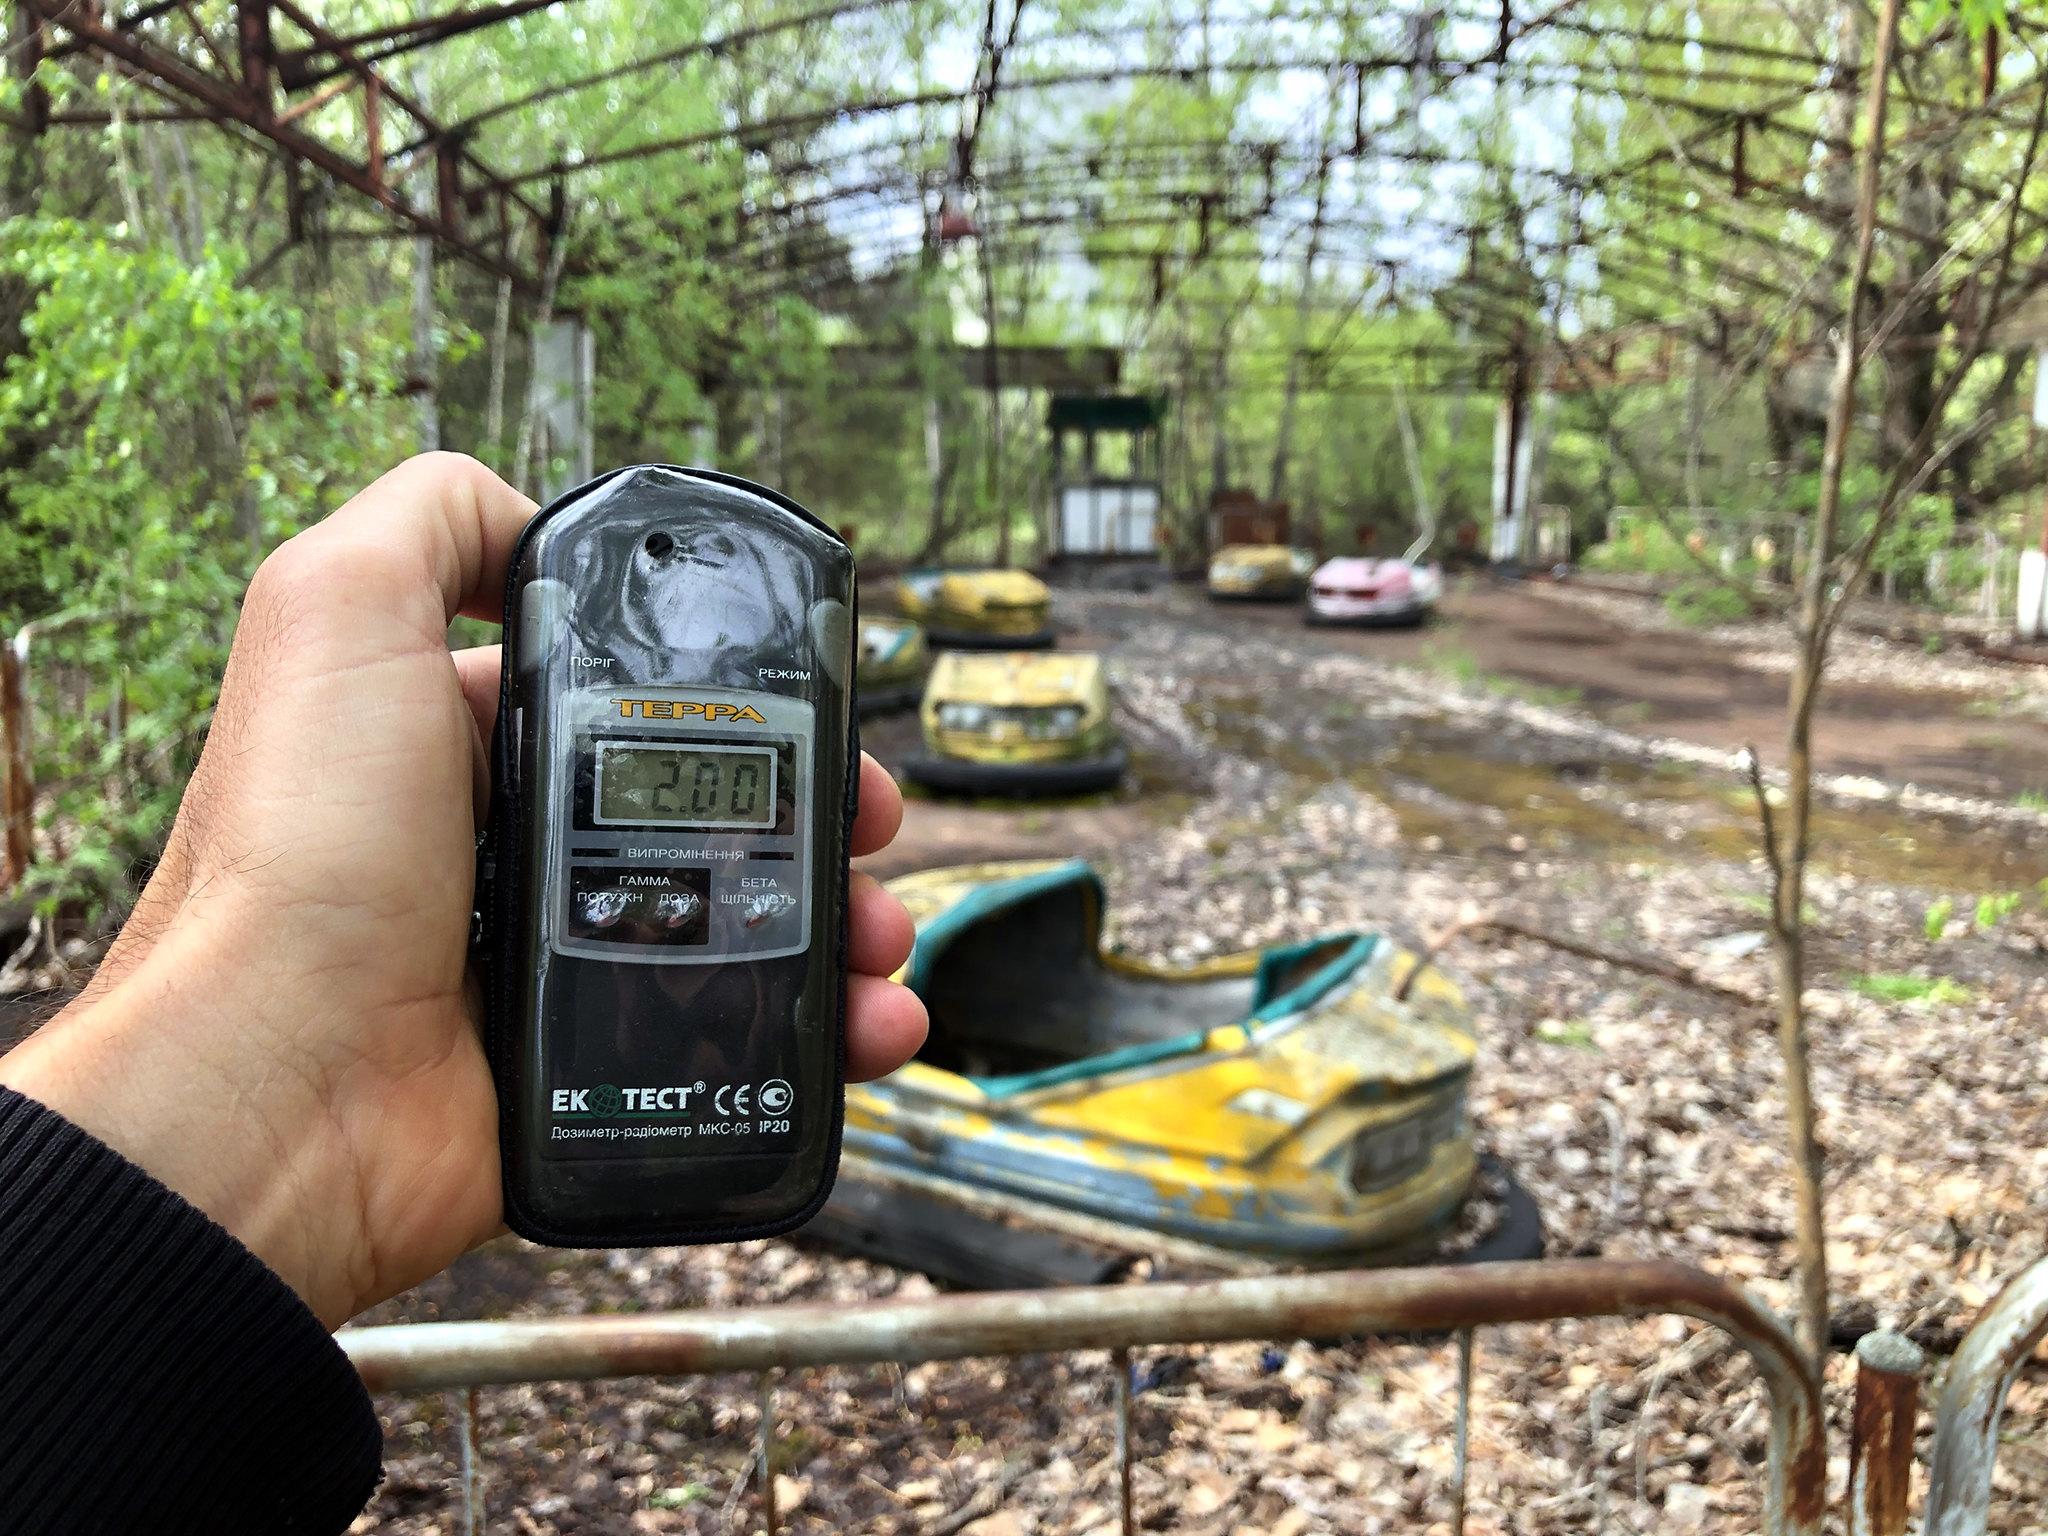 Chernobil [object object] - chernobyl - thewotme@TV_OLD